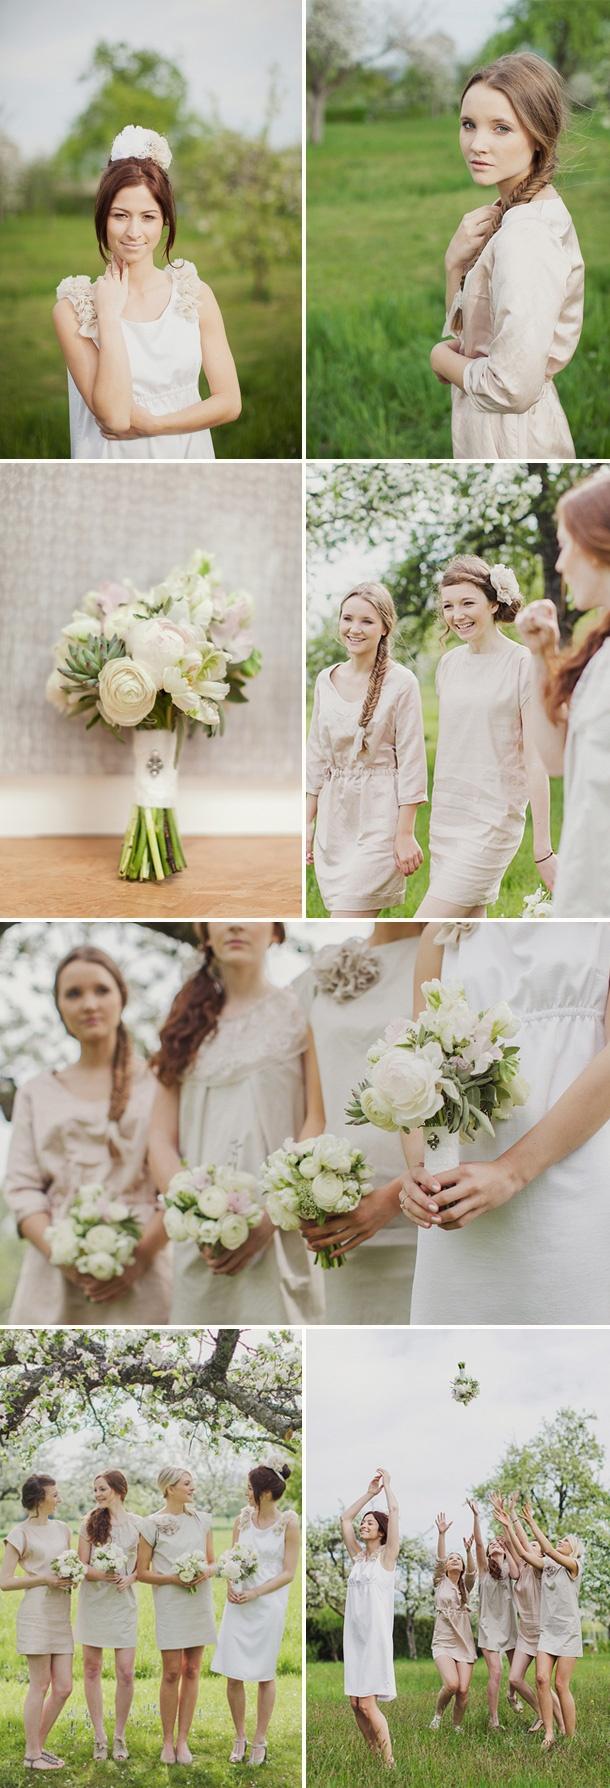 52 best Hochzeit images on Pinterest | Wedding ideas, Bridle dress ...